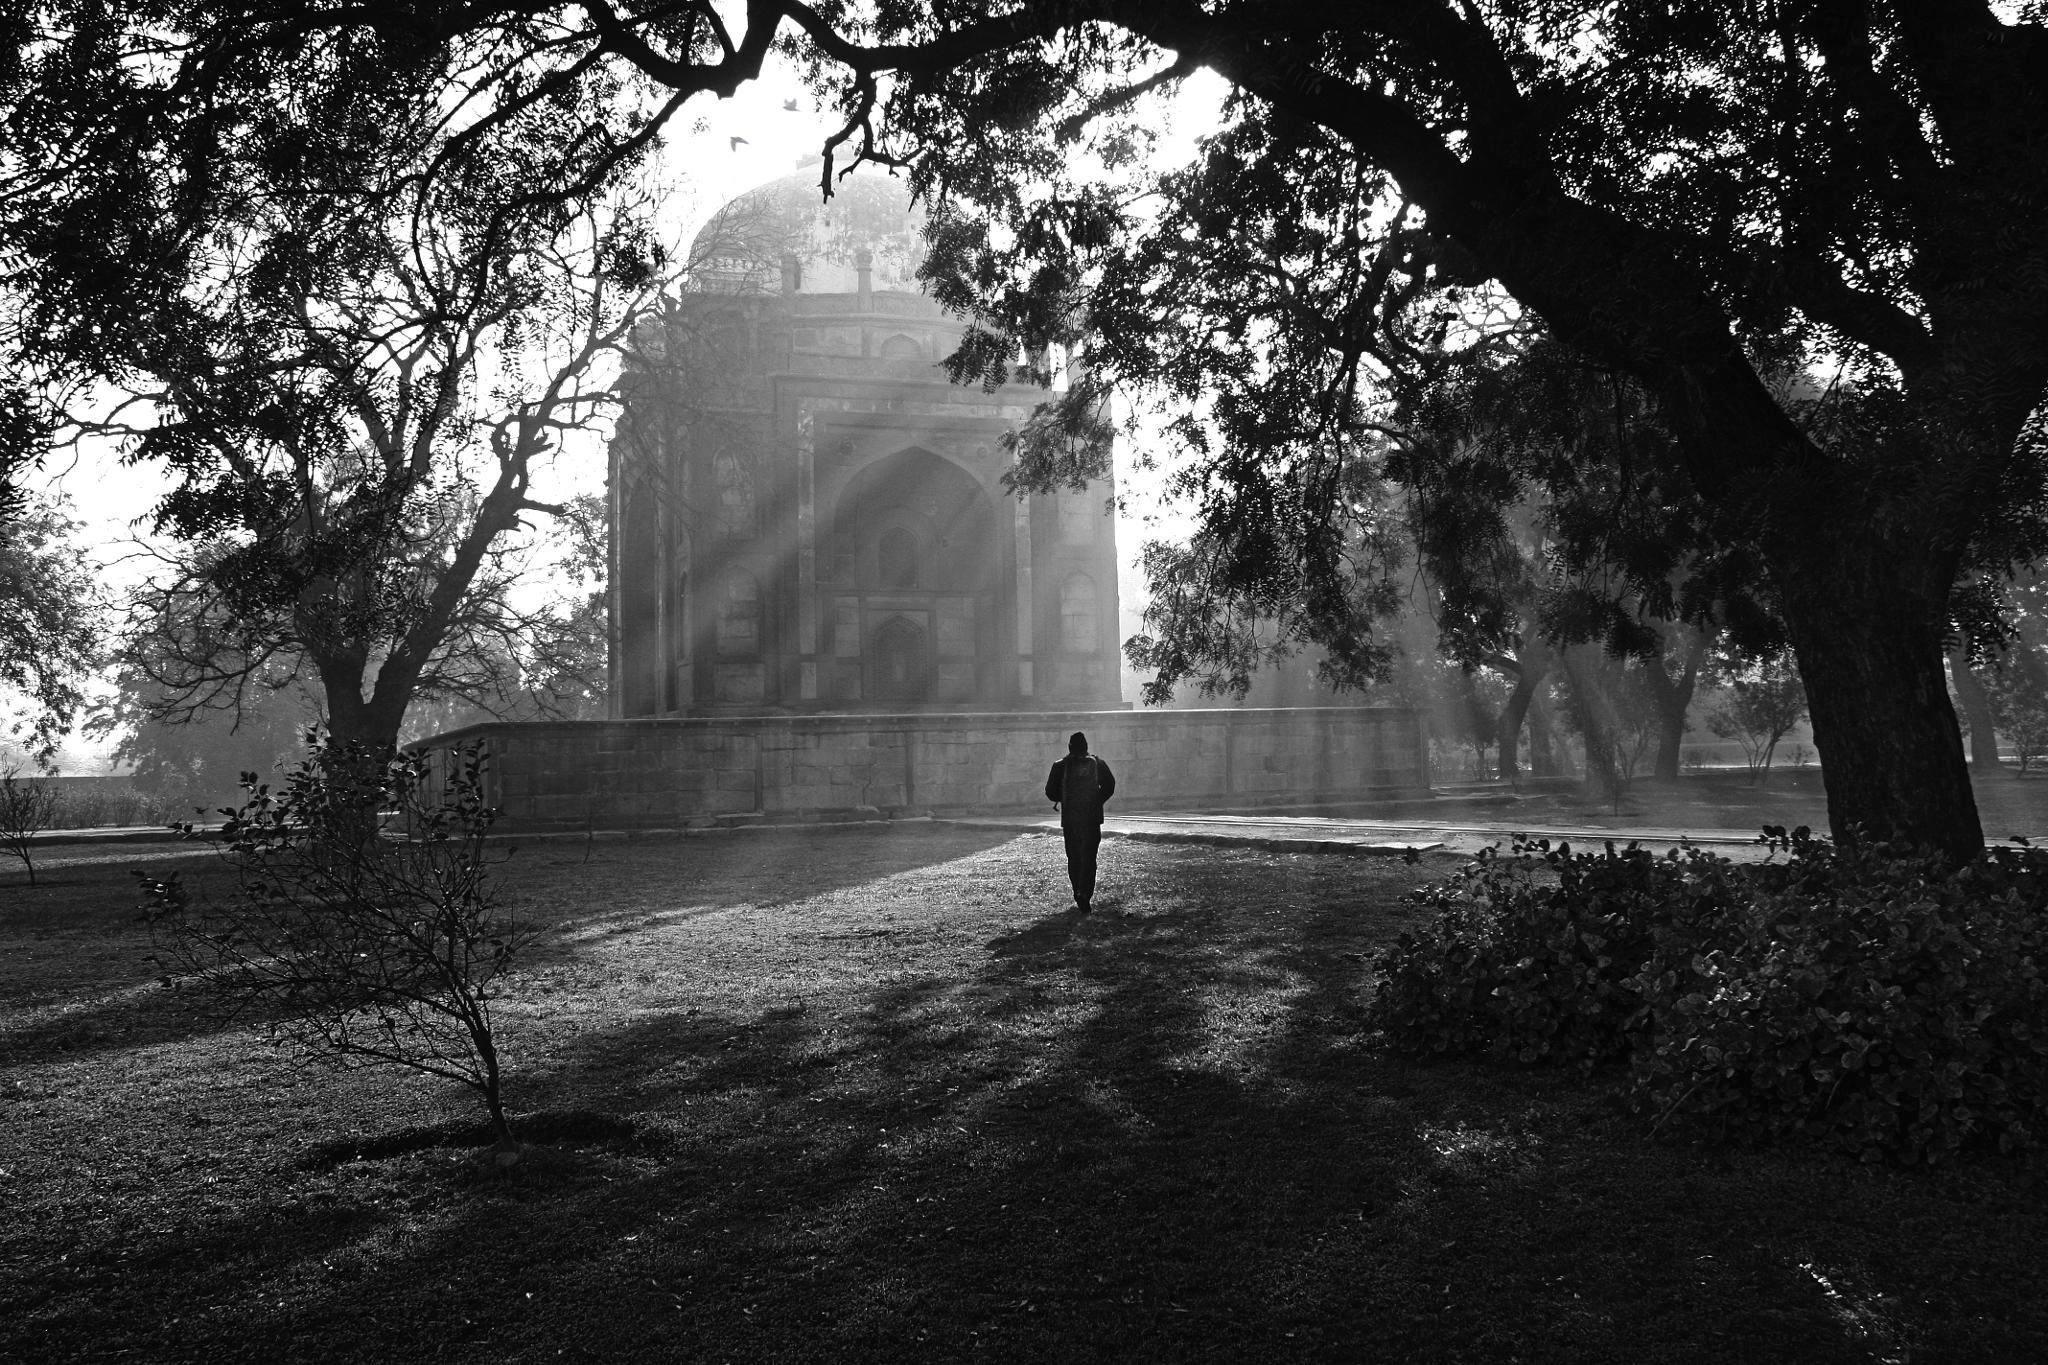 Photographer by Radhakrishna Rao